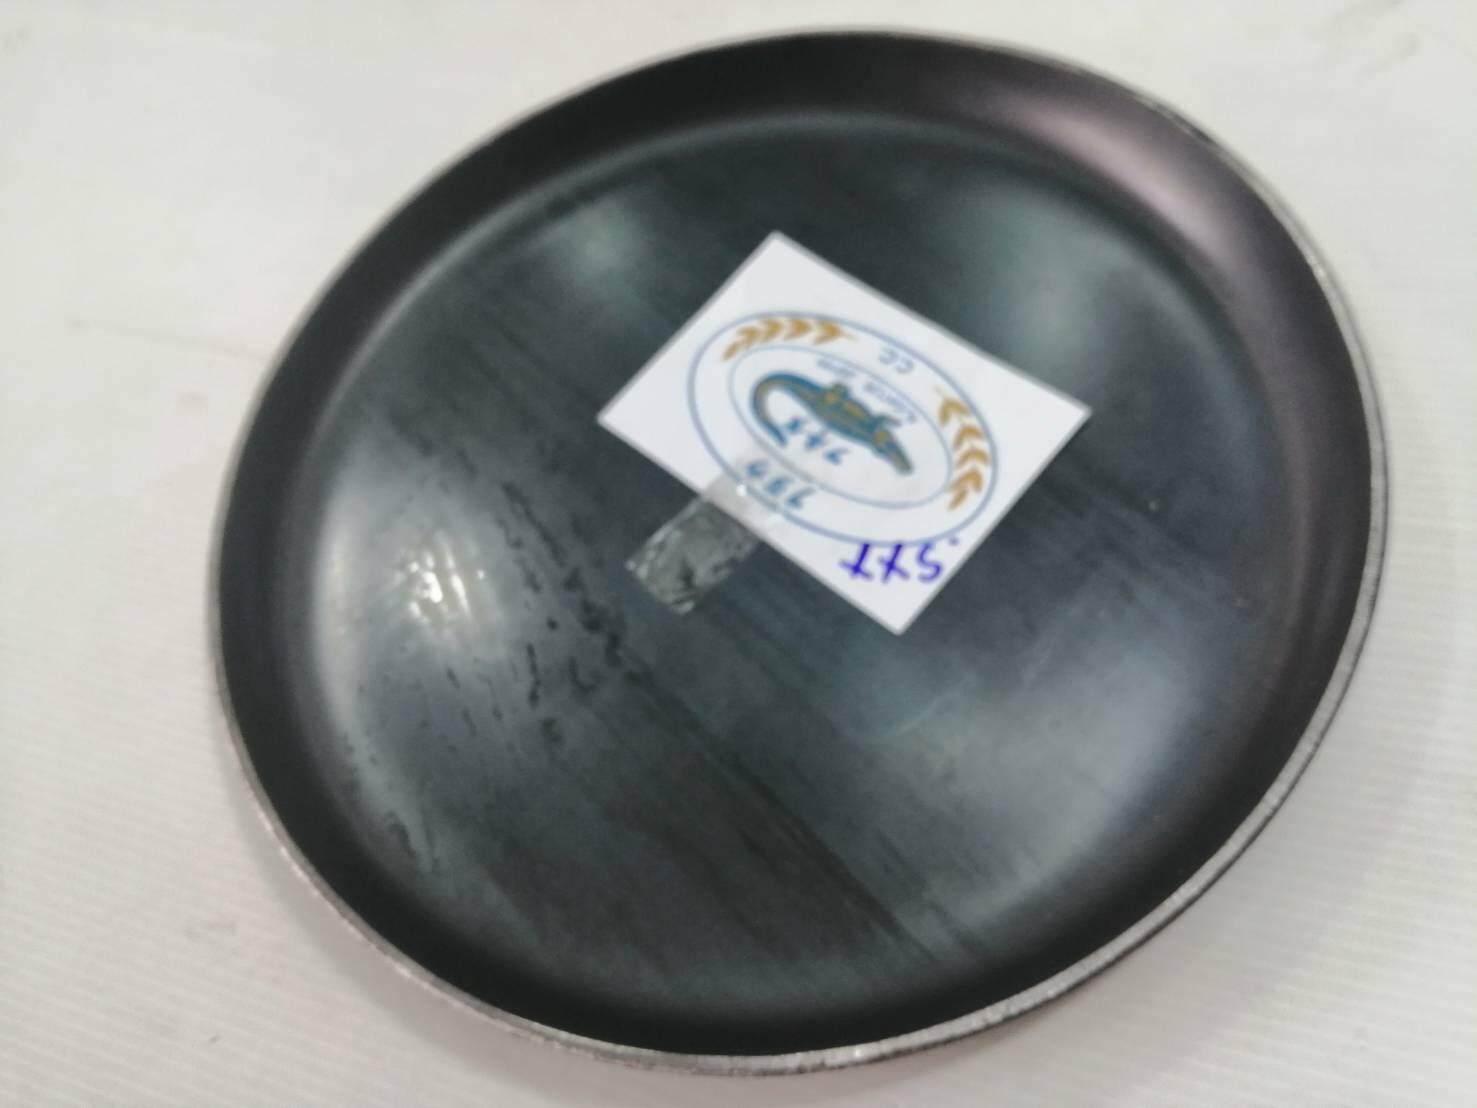 กระทะย่าง เหล็กดำ ร้อนระอุ โคขุน กระทะหอยทอด  ใช้กับเตาถ่าน เตาแก๊ส   สำหรับใช้เอง หรือเปิดร้านขาย  ทำจากเหล็ก แบบเหนียว   ทำเมนูหลากหลาย หมูกระทะ  เนื้อกระทะ  หอยทอด ออส่วน ออร่วน   ไก่บาบีคิว  ใส่ซอยหลาก หลายเมนู ไม่ว่าจะเนื้อสัตว์ หรือผัก ต่าง ๆ     คว